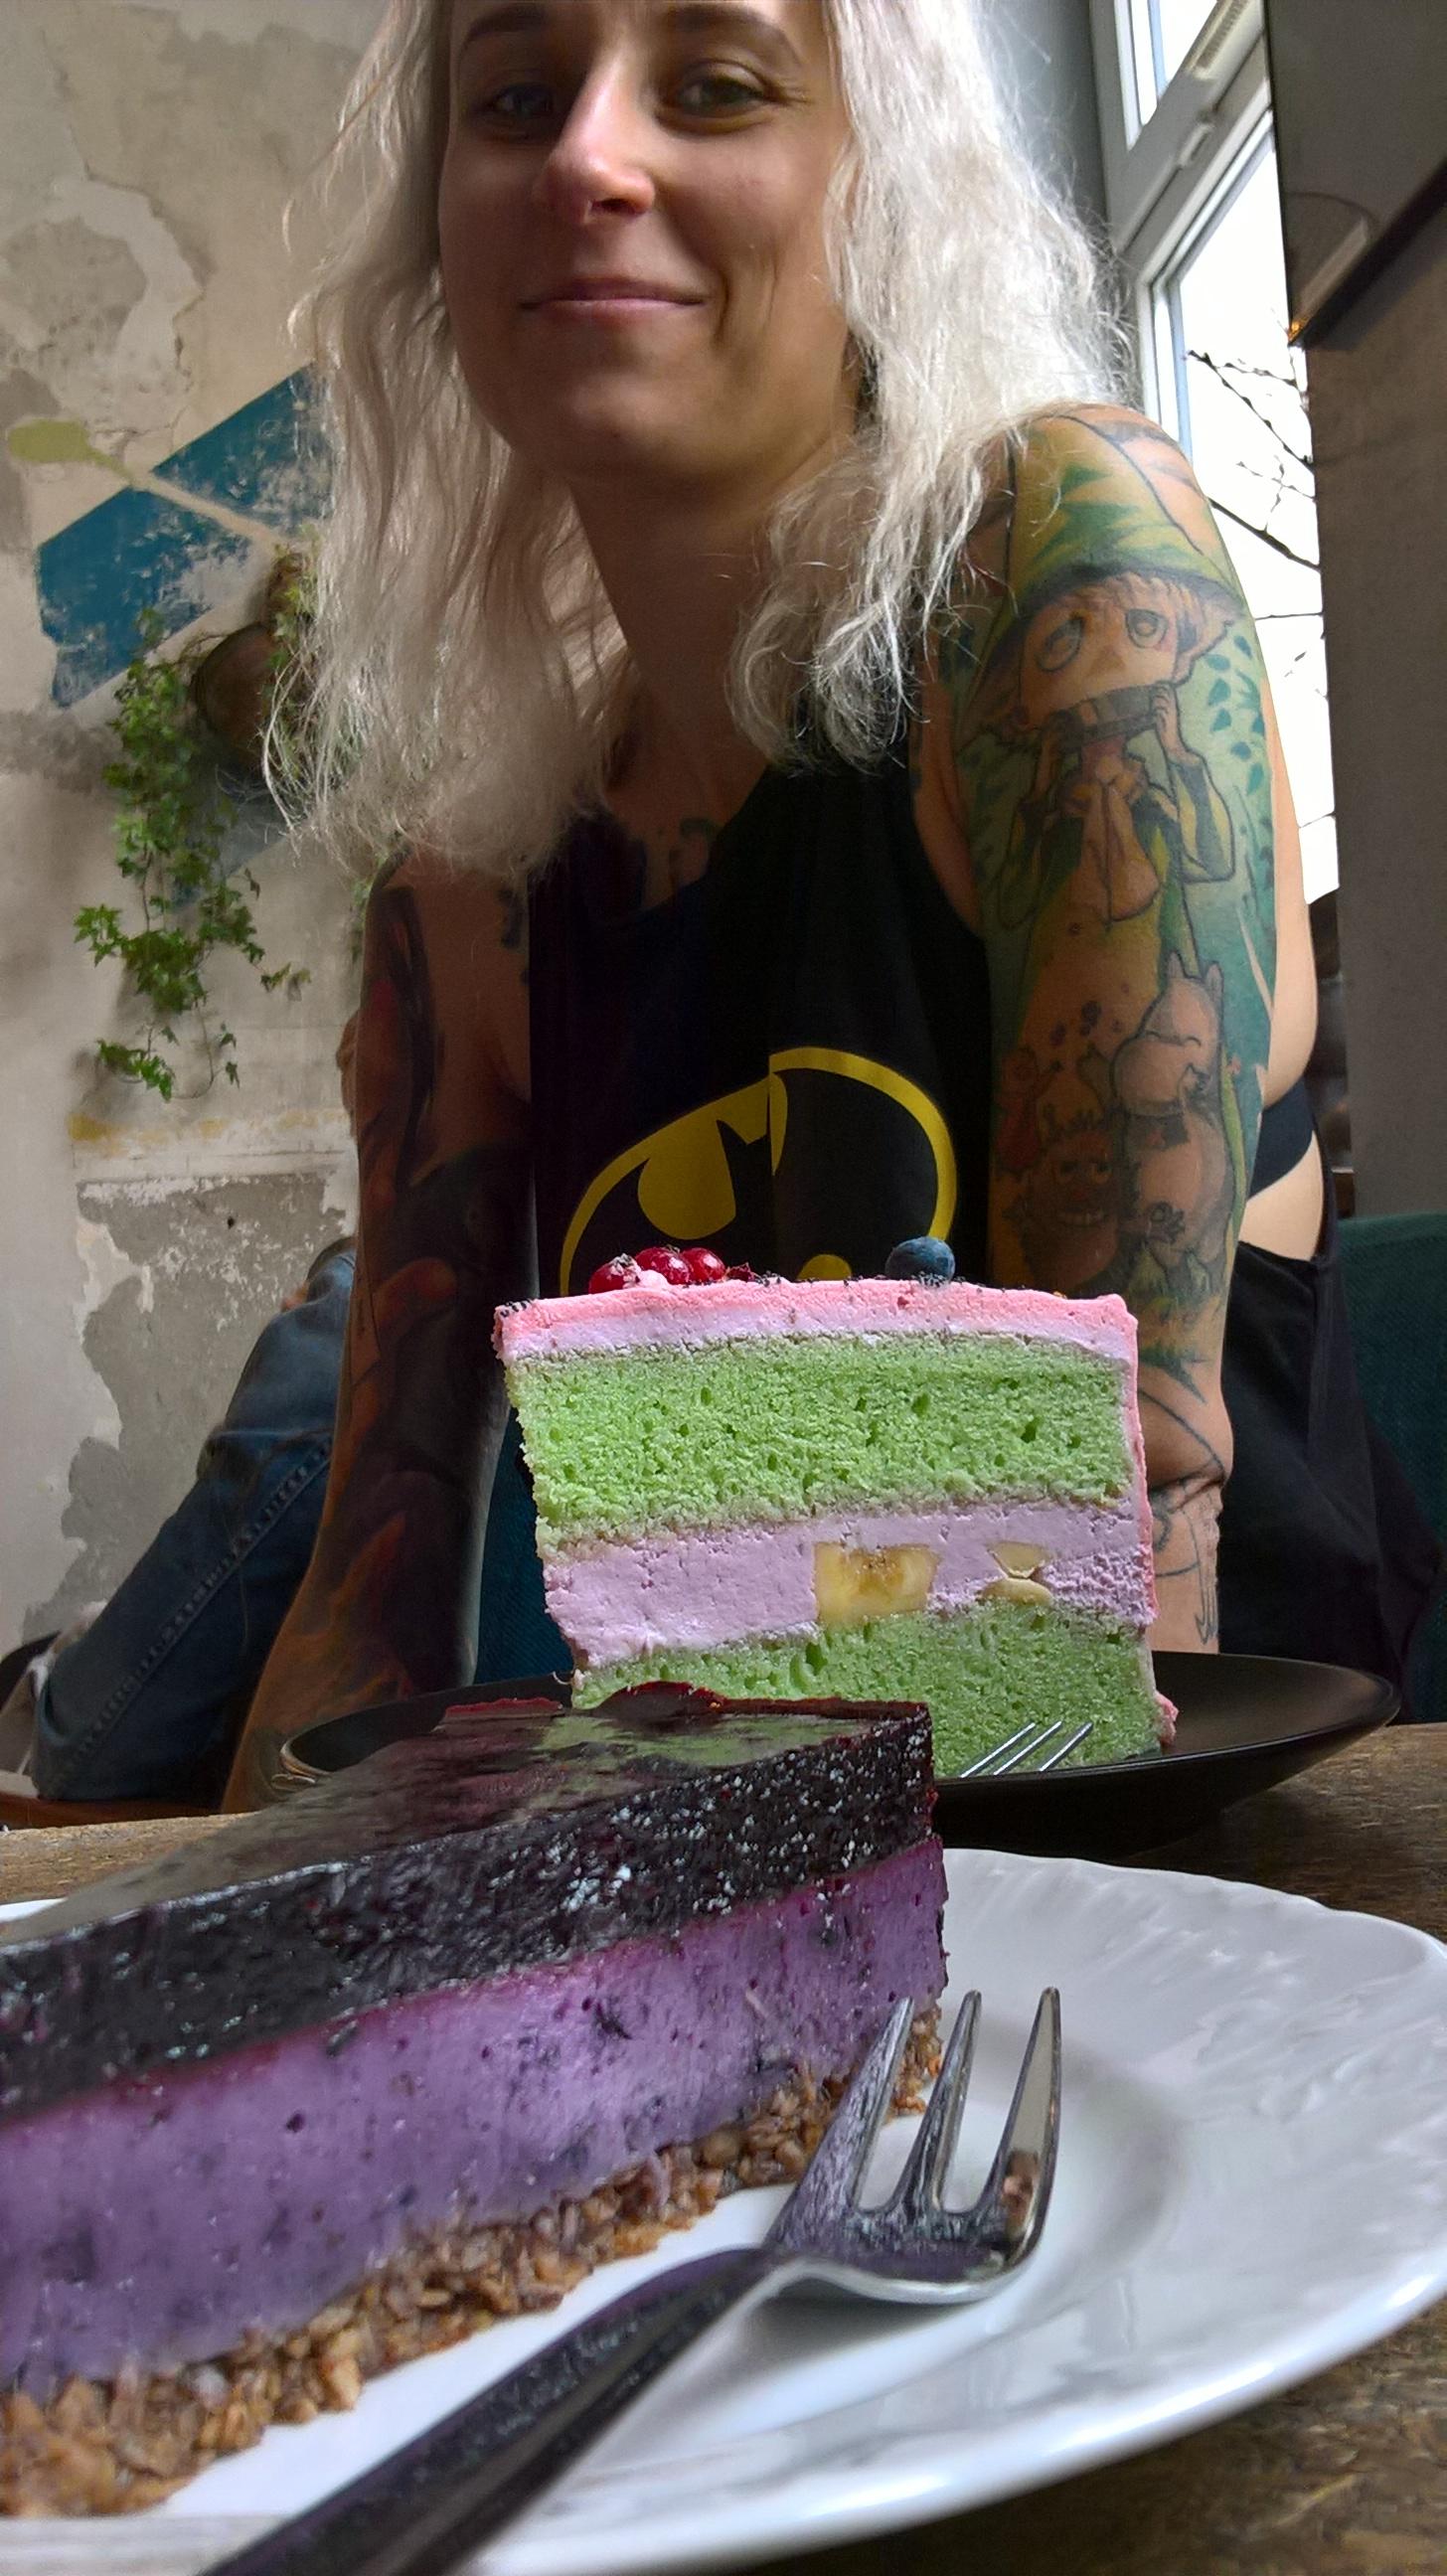 to nie perspektywa, ten różowo-zielony kawał tortu naprawdę był wielki!